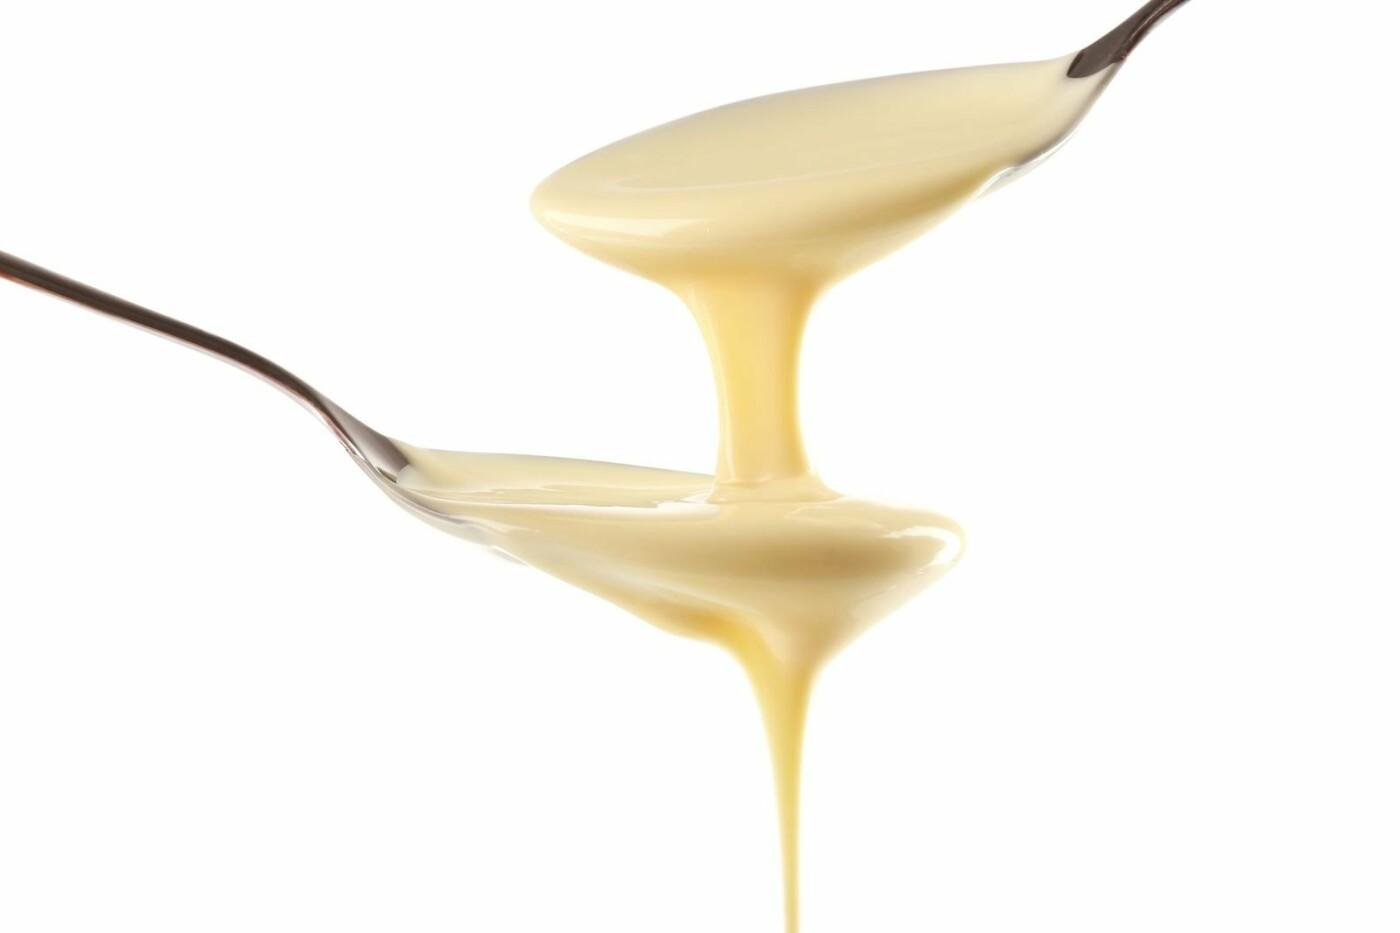 Сгущенное молоко, Фото из открытого источника в сети Интернет